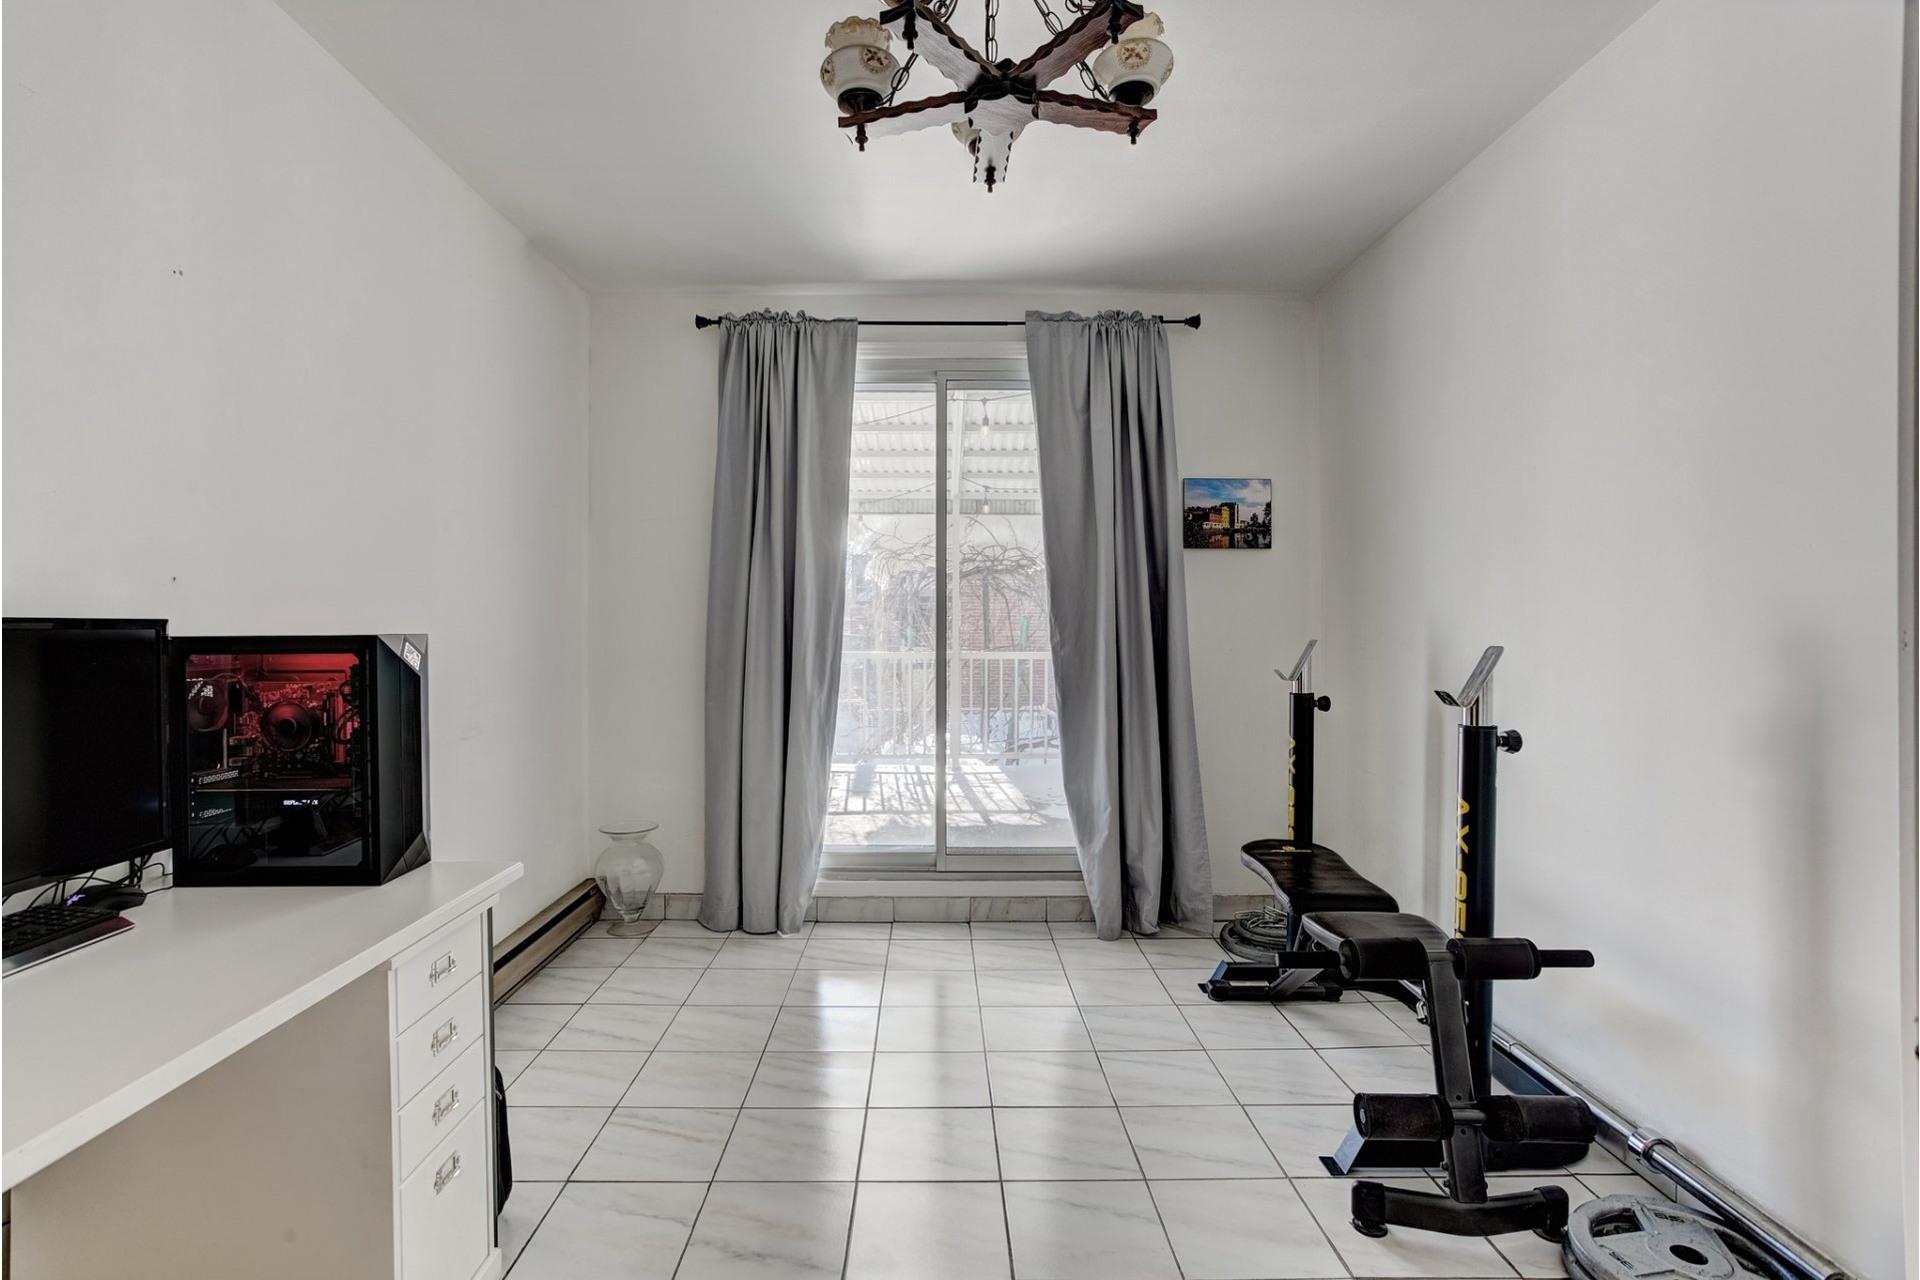 image 10 - Quadruplex À vendre Rosemont/La Petite-Patrie Montréal  - 5 pièces